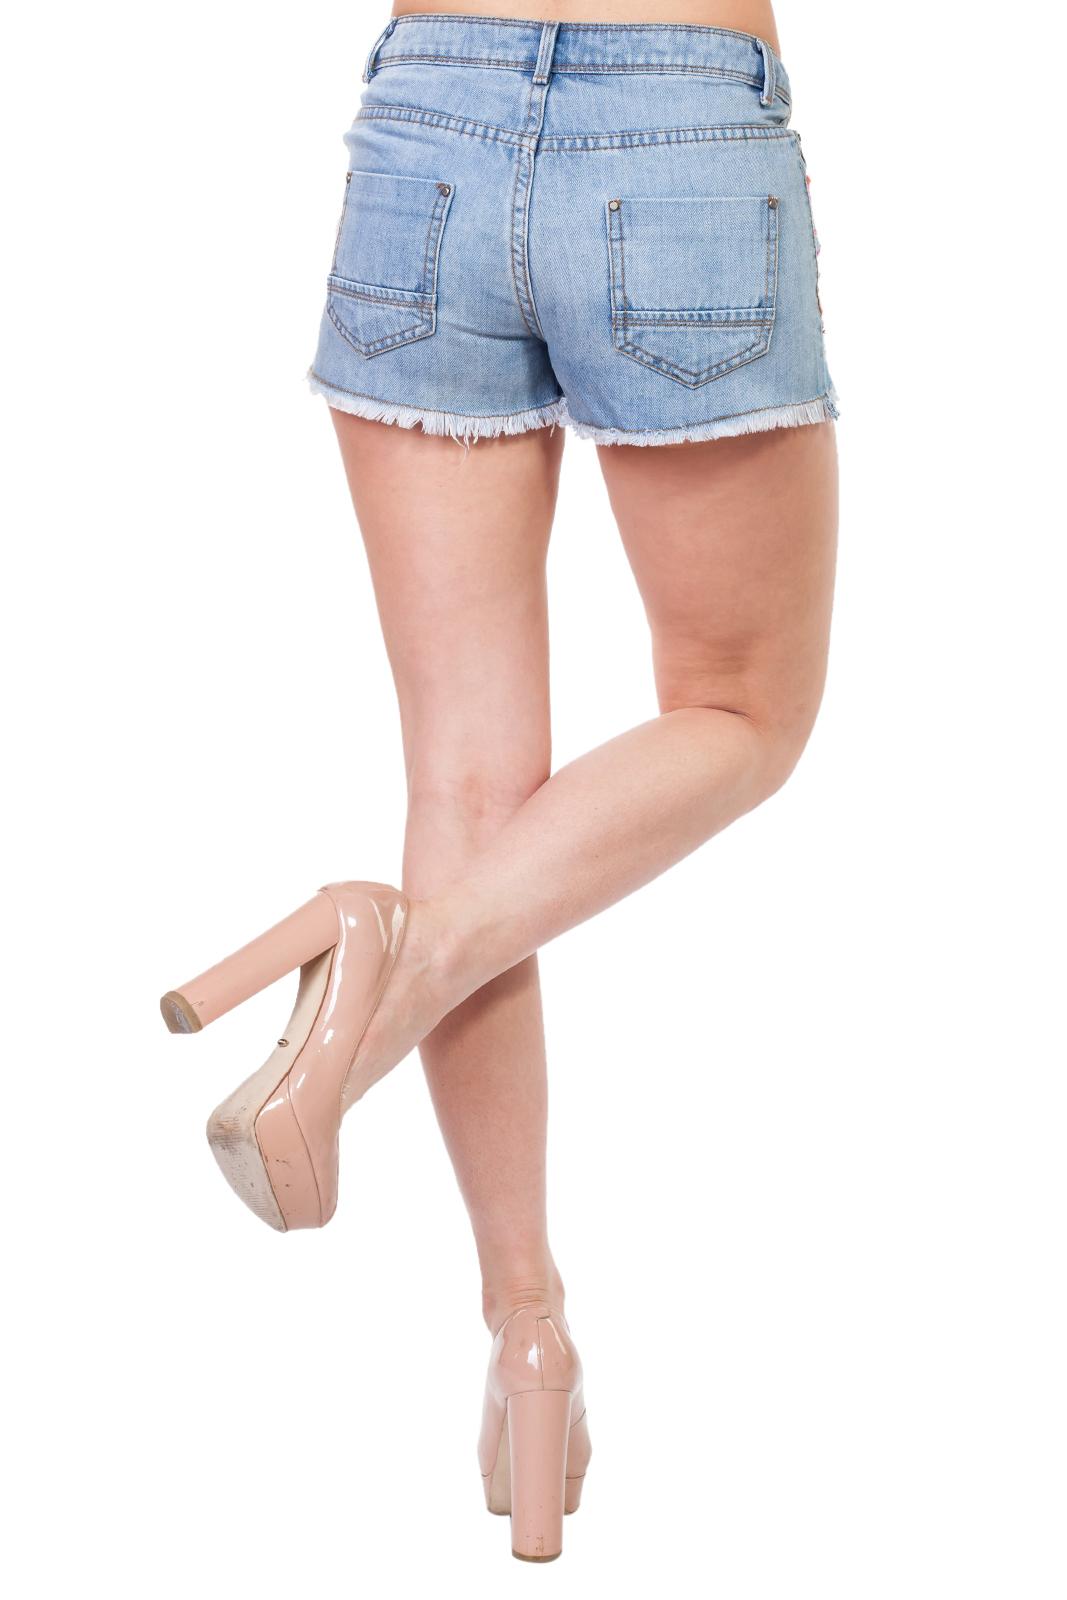 Женские бохо-шорты SHORT с вышитым этно-принтом и бахромой.